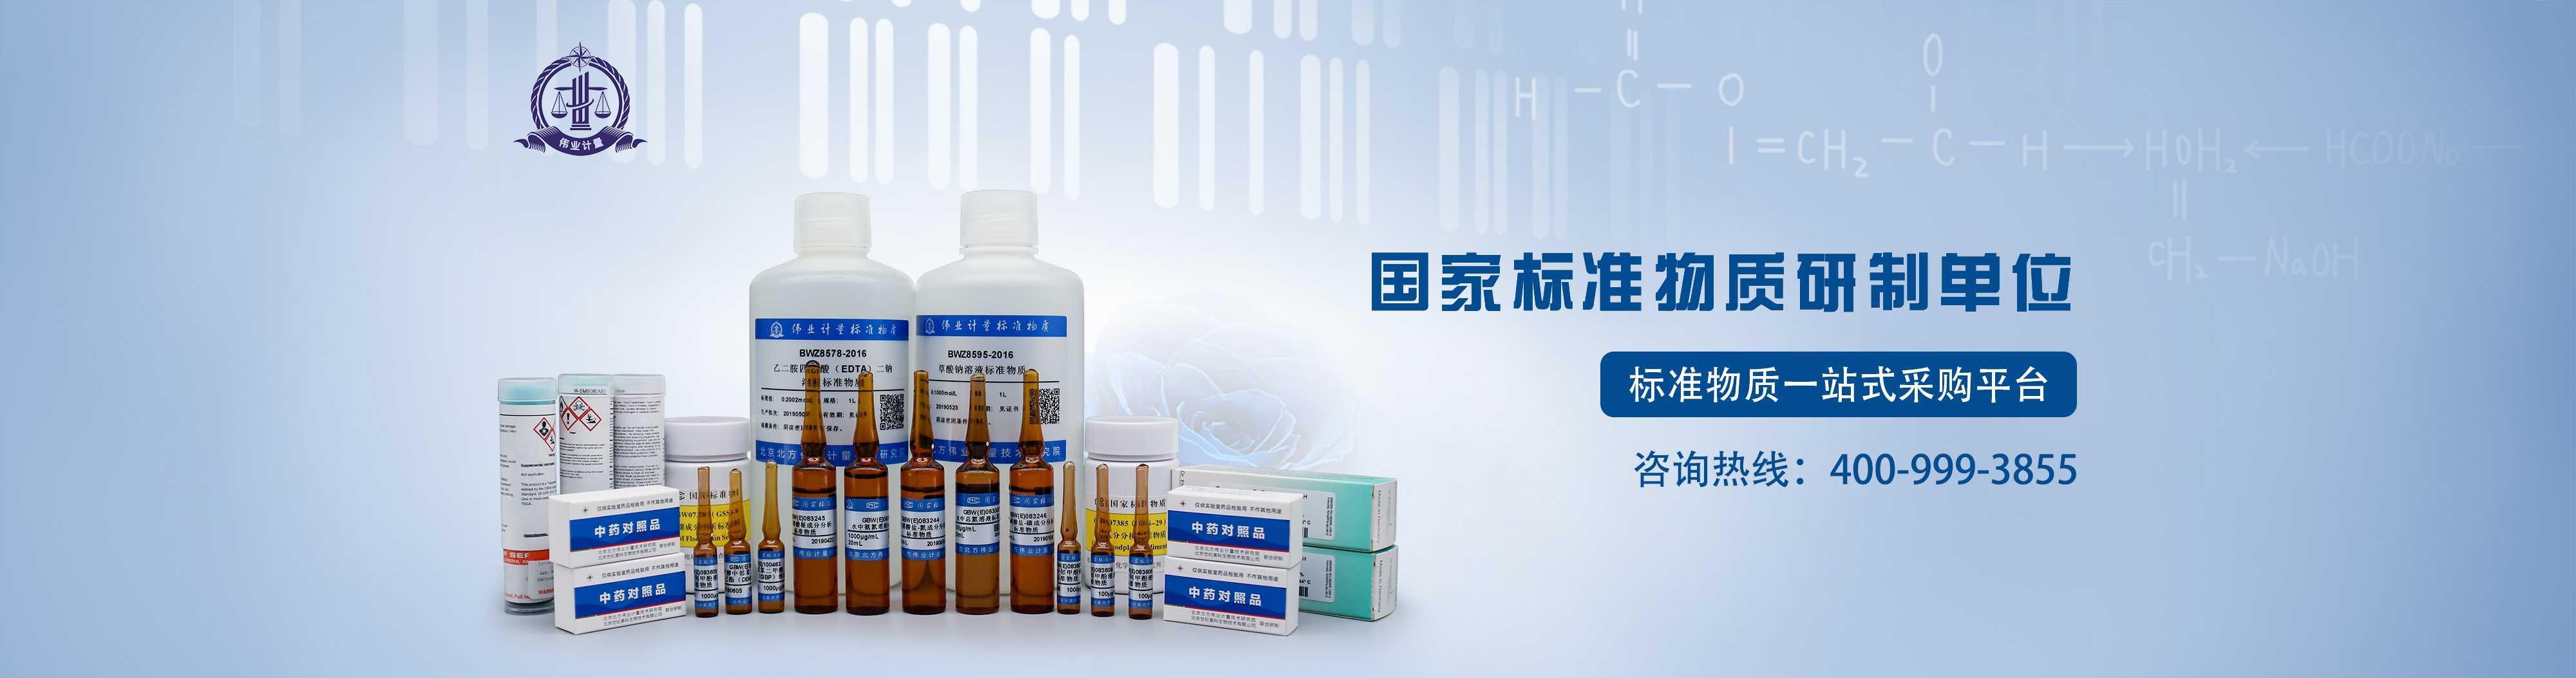 产品-www.weiye.org.cn国家标准物质网-标准物质